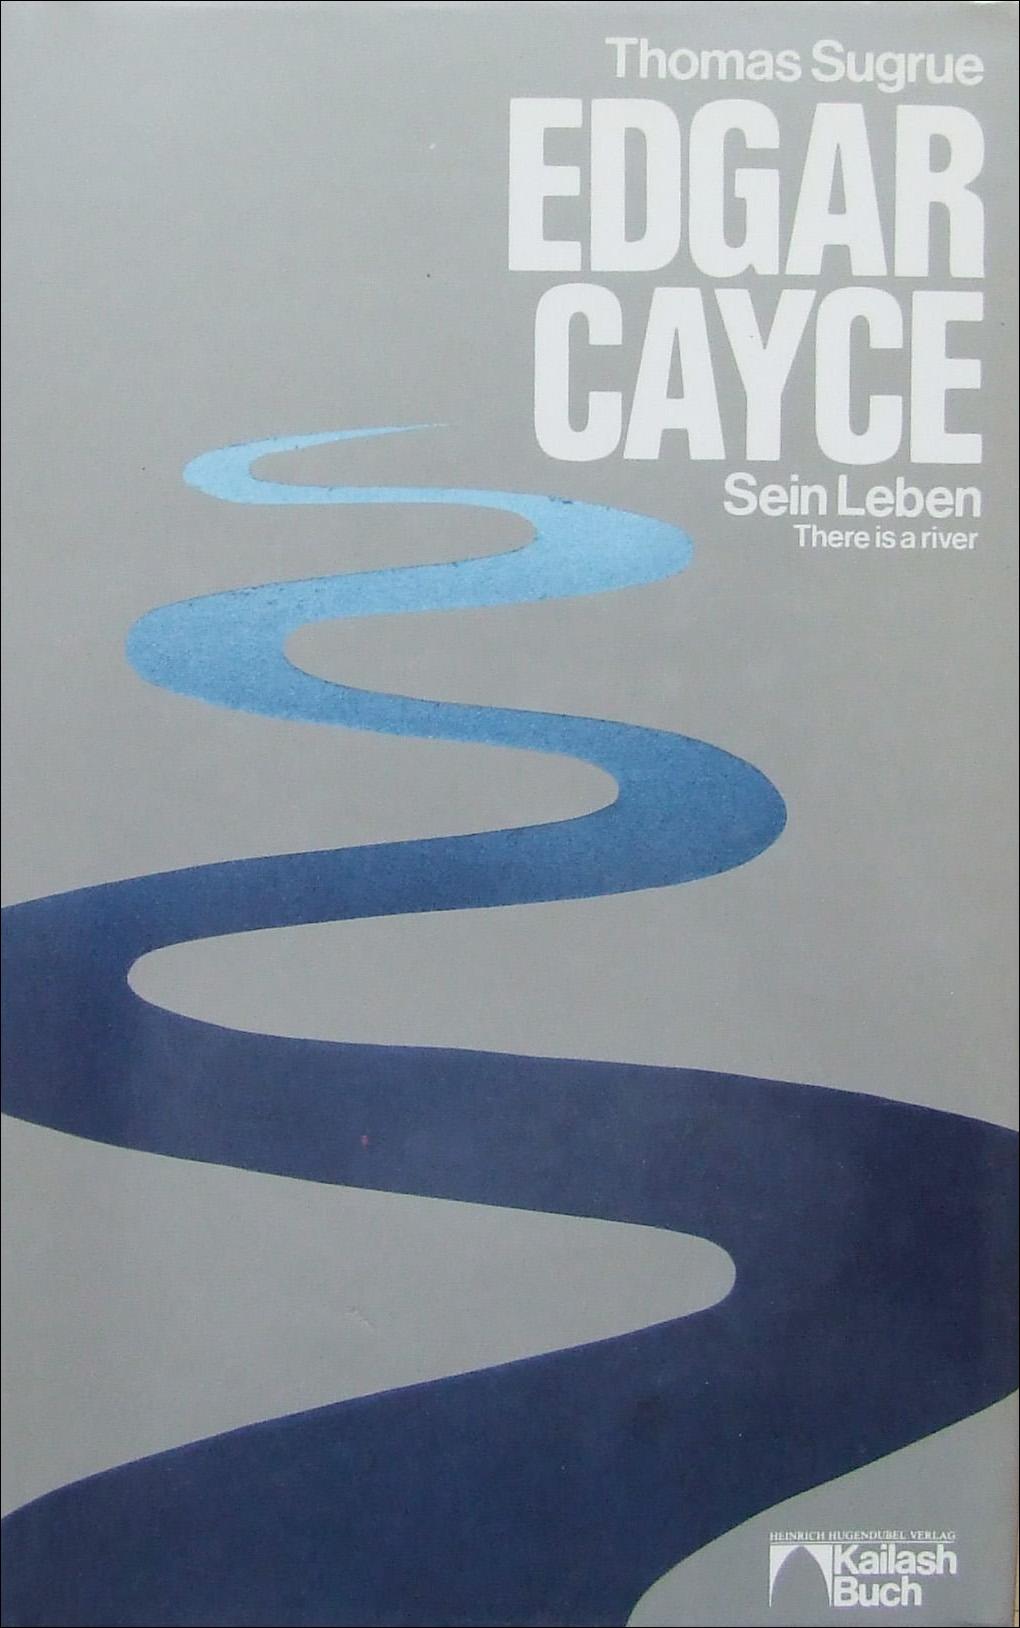 Edgar Cayce - Sein Leben - Die Geschichte eines schicksalhaften Lebens